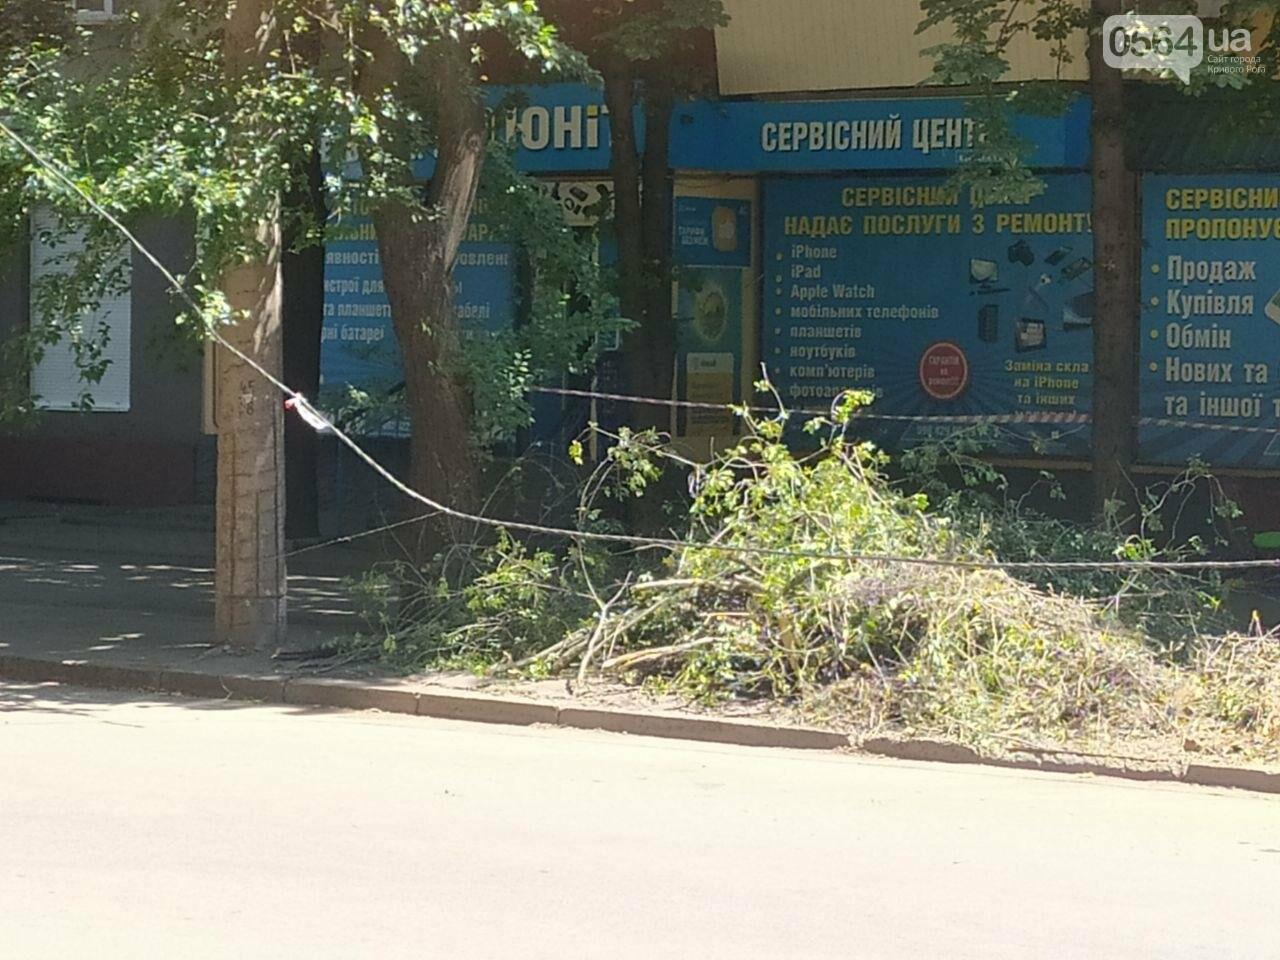 В Кривом Роге сломавшаяся электроопора, удерживаемая каркасом из арматуры, зависла прямо над тротуаром, - ФОТО, фото-3